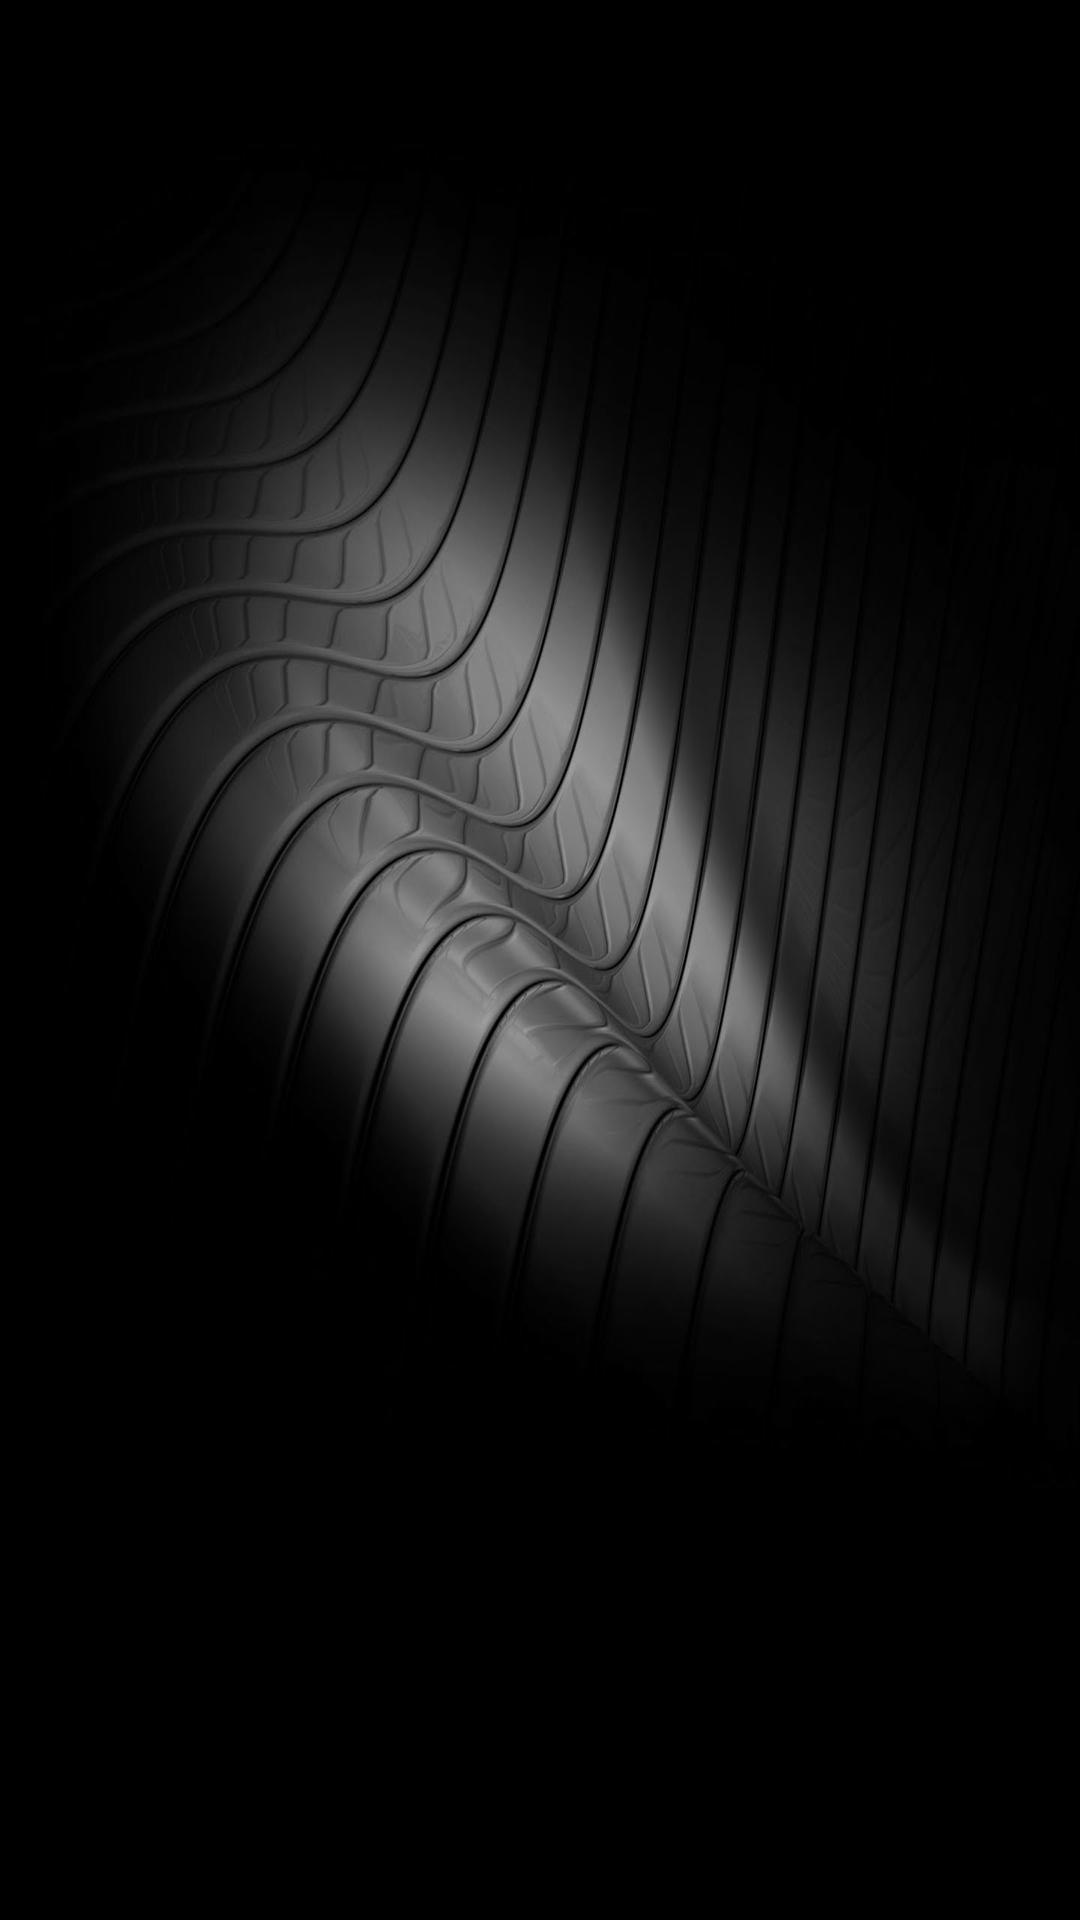 mate_10_porche_design_wall_TechFoogle_03